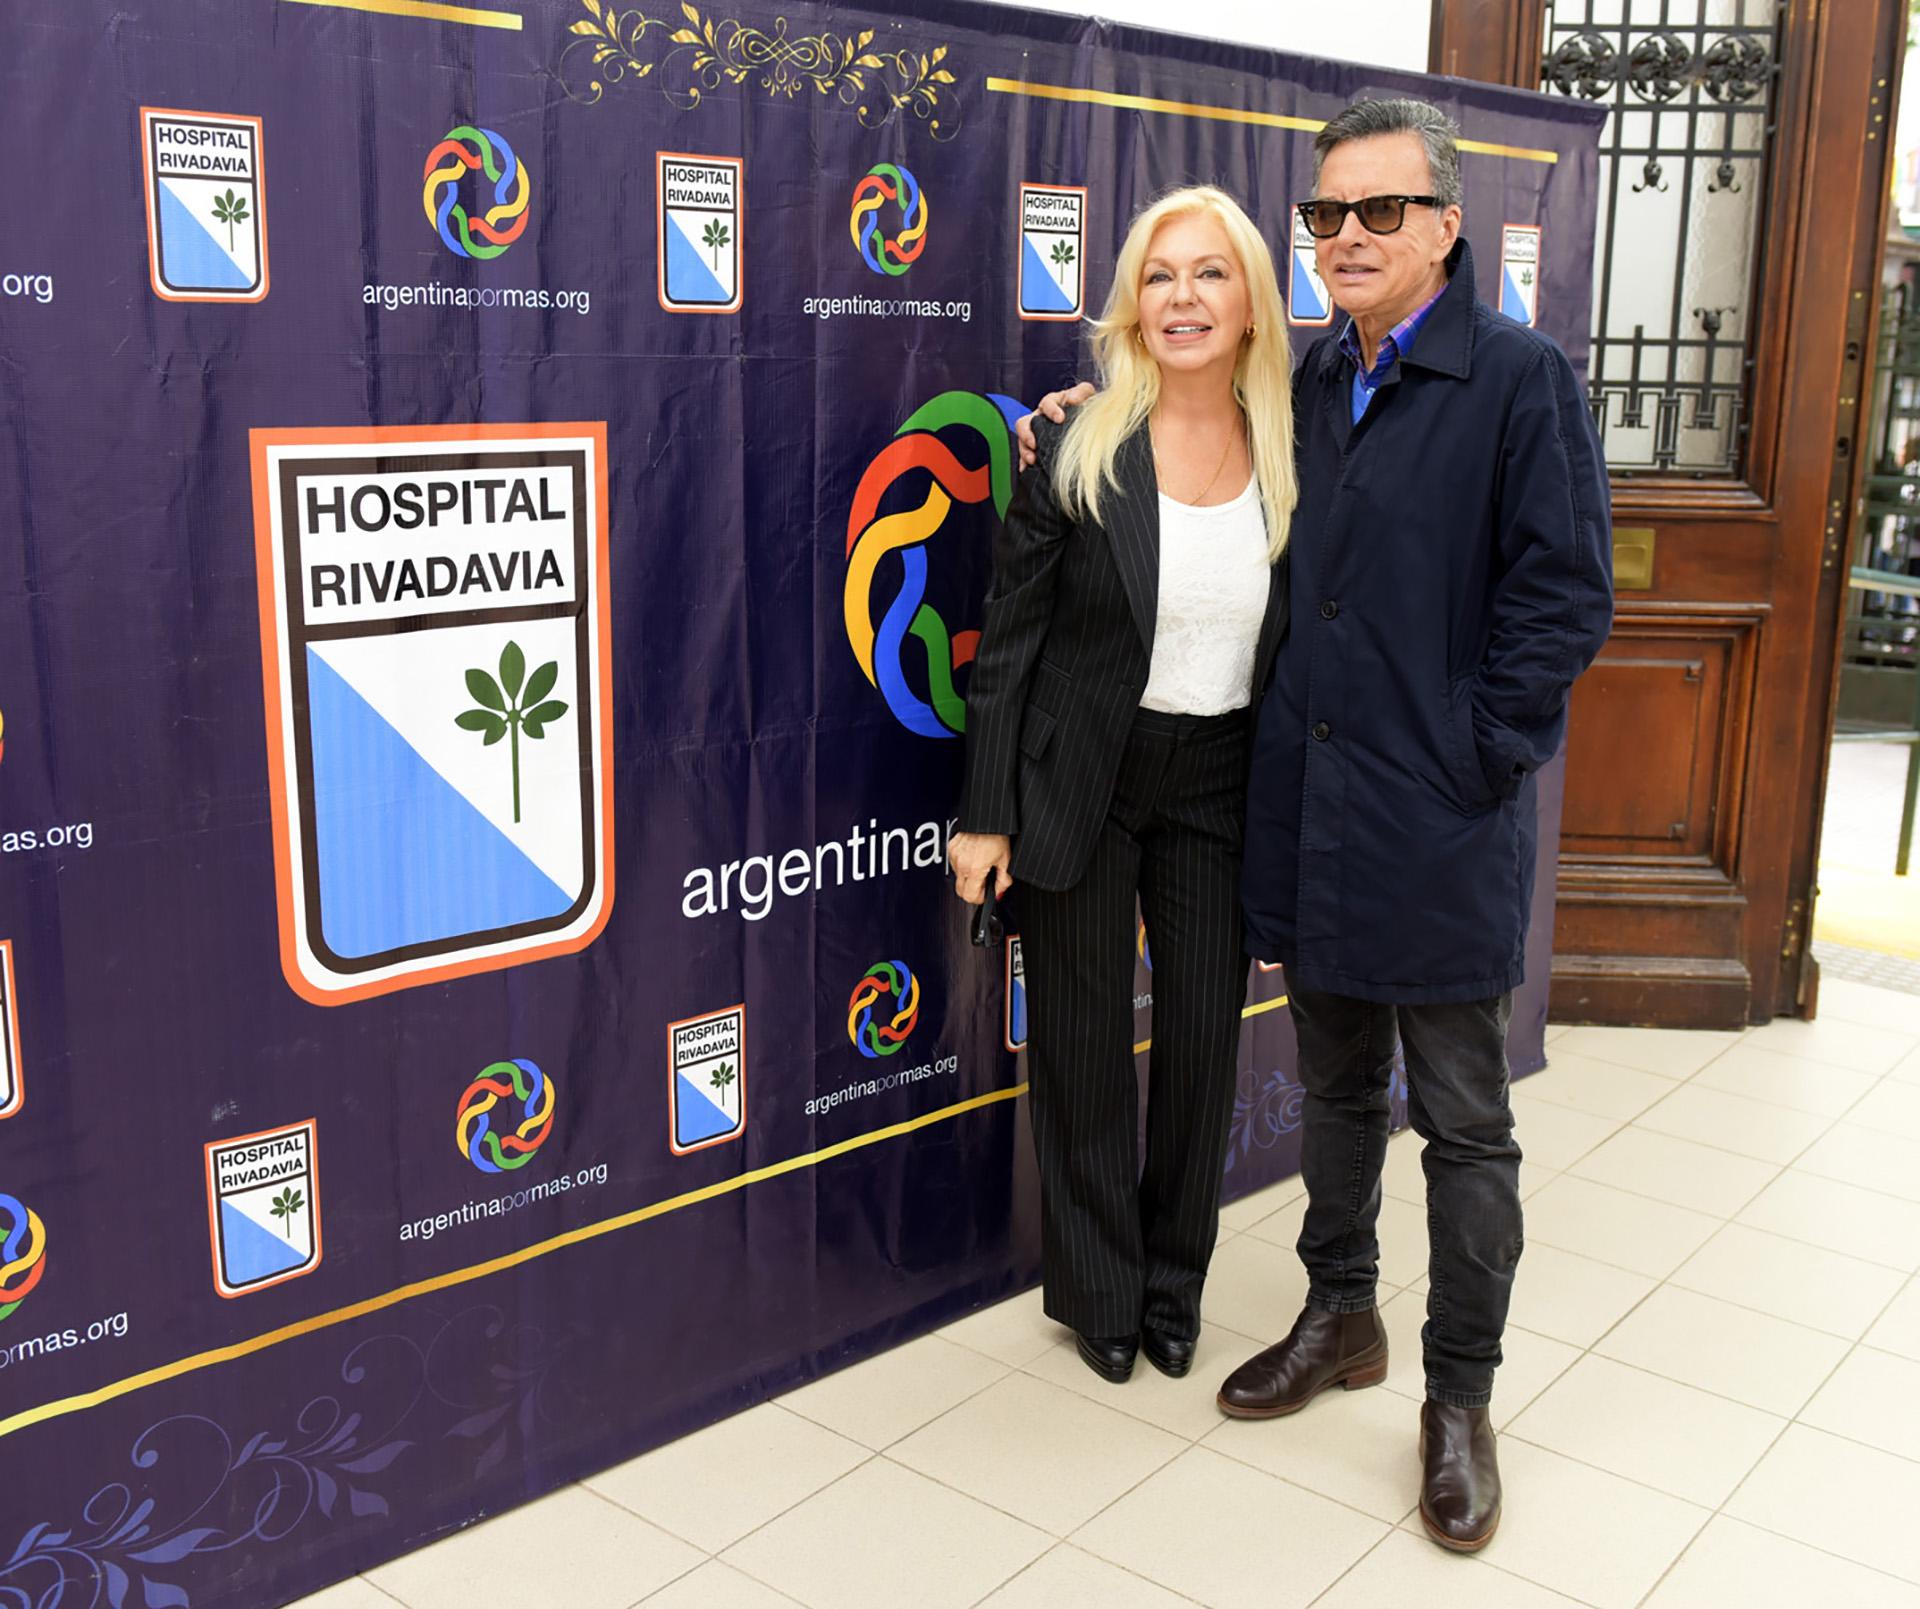 Invitado por la Fundación Argentina Por Más a beneficio del Hospital Bernardino Rivadavia y que preside Diana Chugri, Palito Ortega recorrió las instalaciones del nosocomio, saludó a los pacientes y visitó las areas que ya fueron remodeladas, con lo recaudado en los eventos a beneficio de esa institución